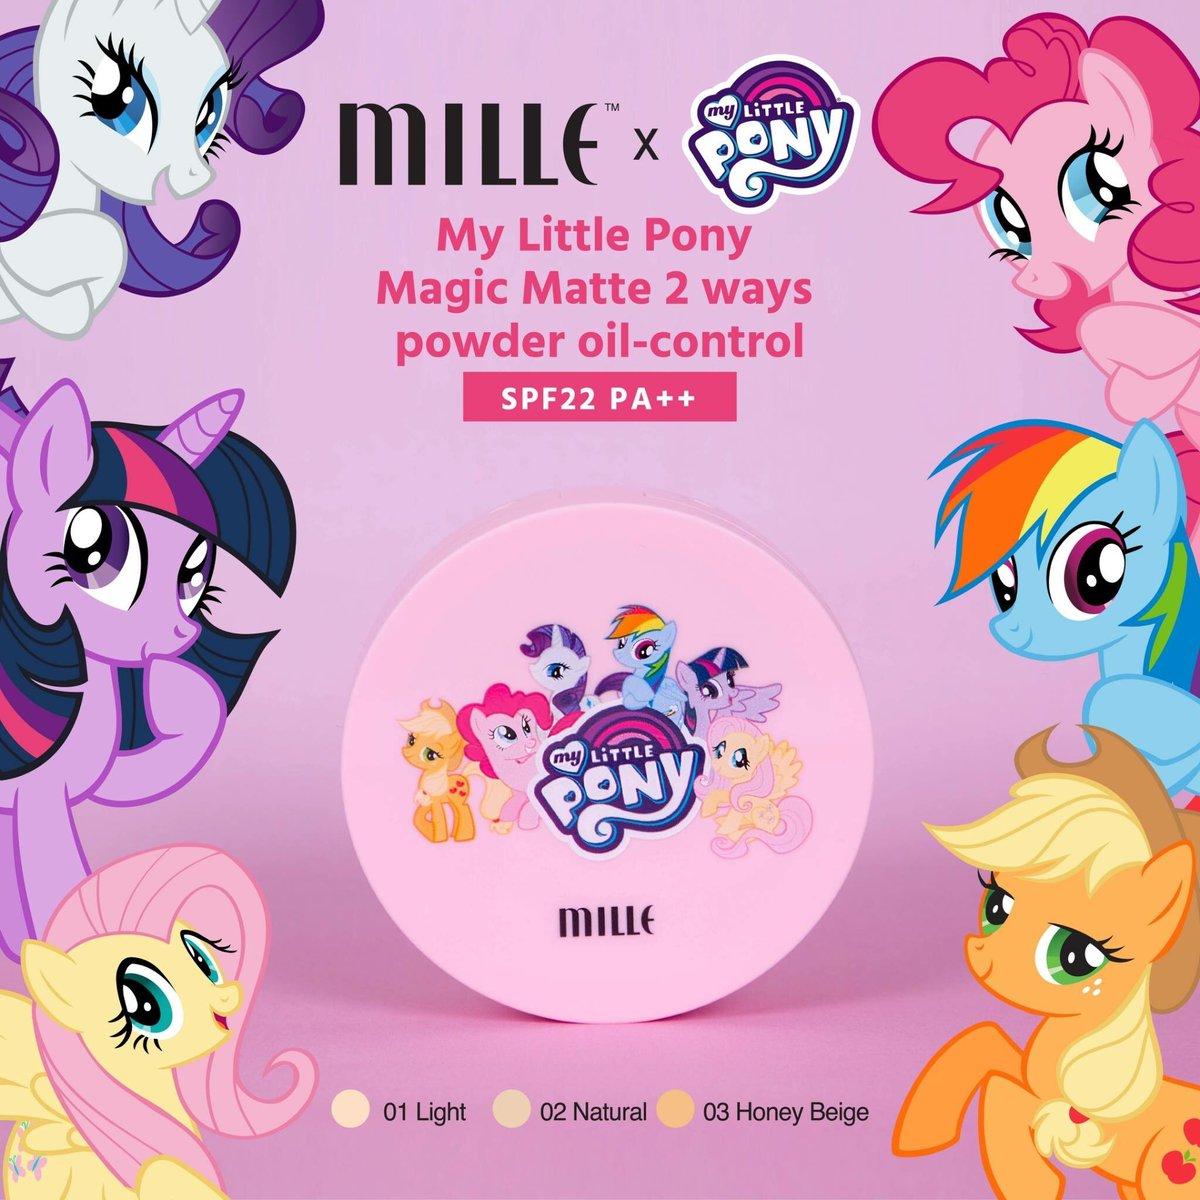 ผลการค้นหารูปภาพสำหรับ Mille My Little Pony Magic Matte 2ways